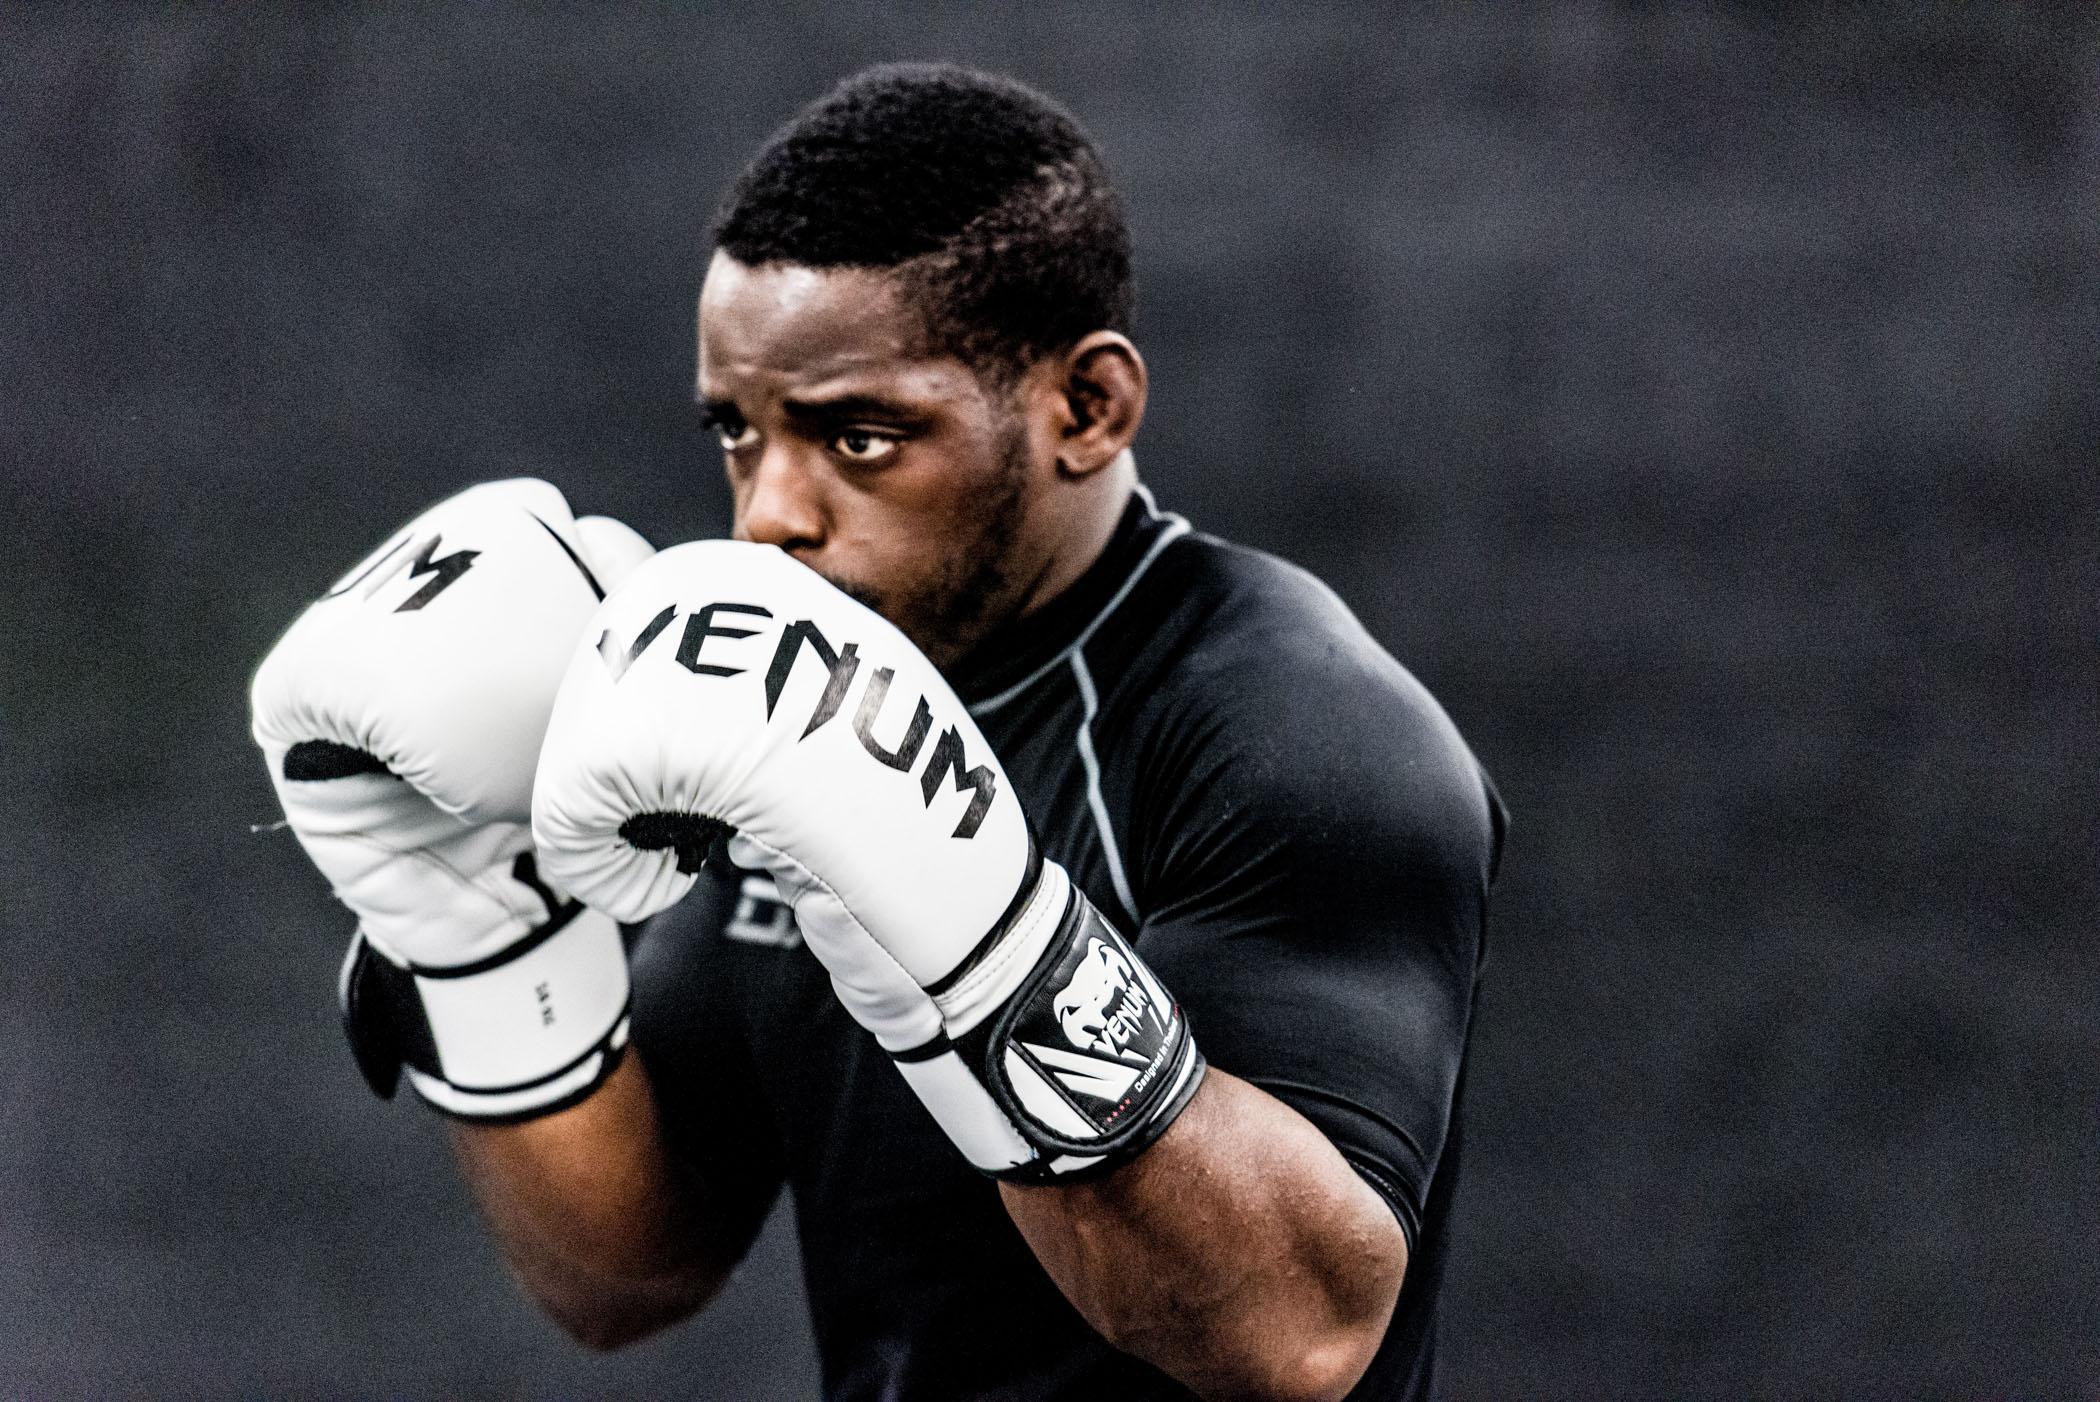 MMA Fighter, Rondel Clark